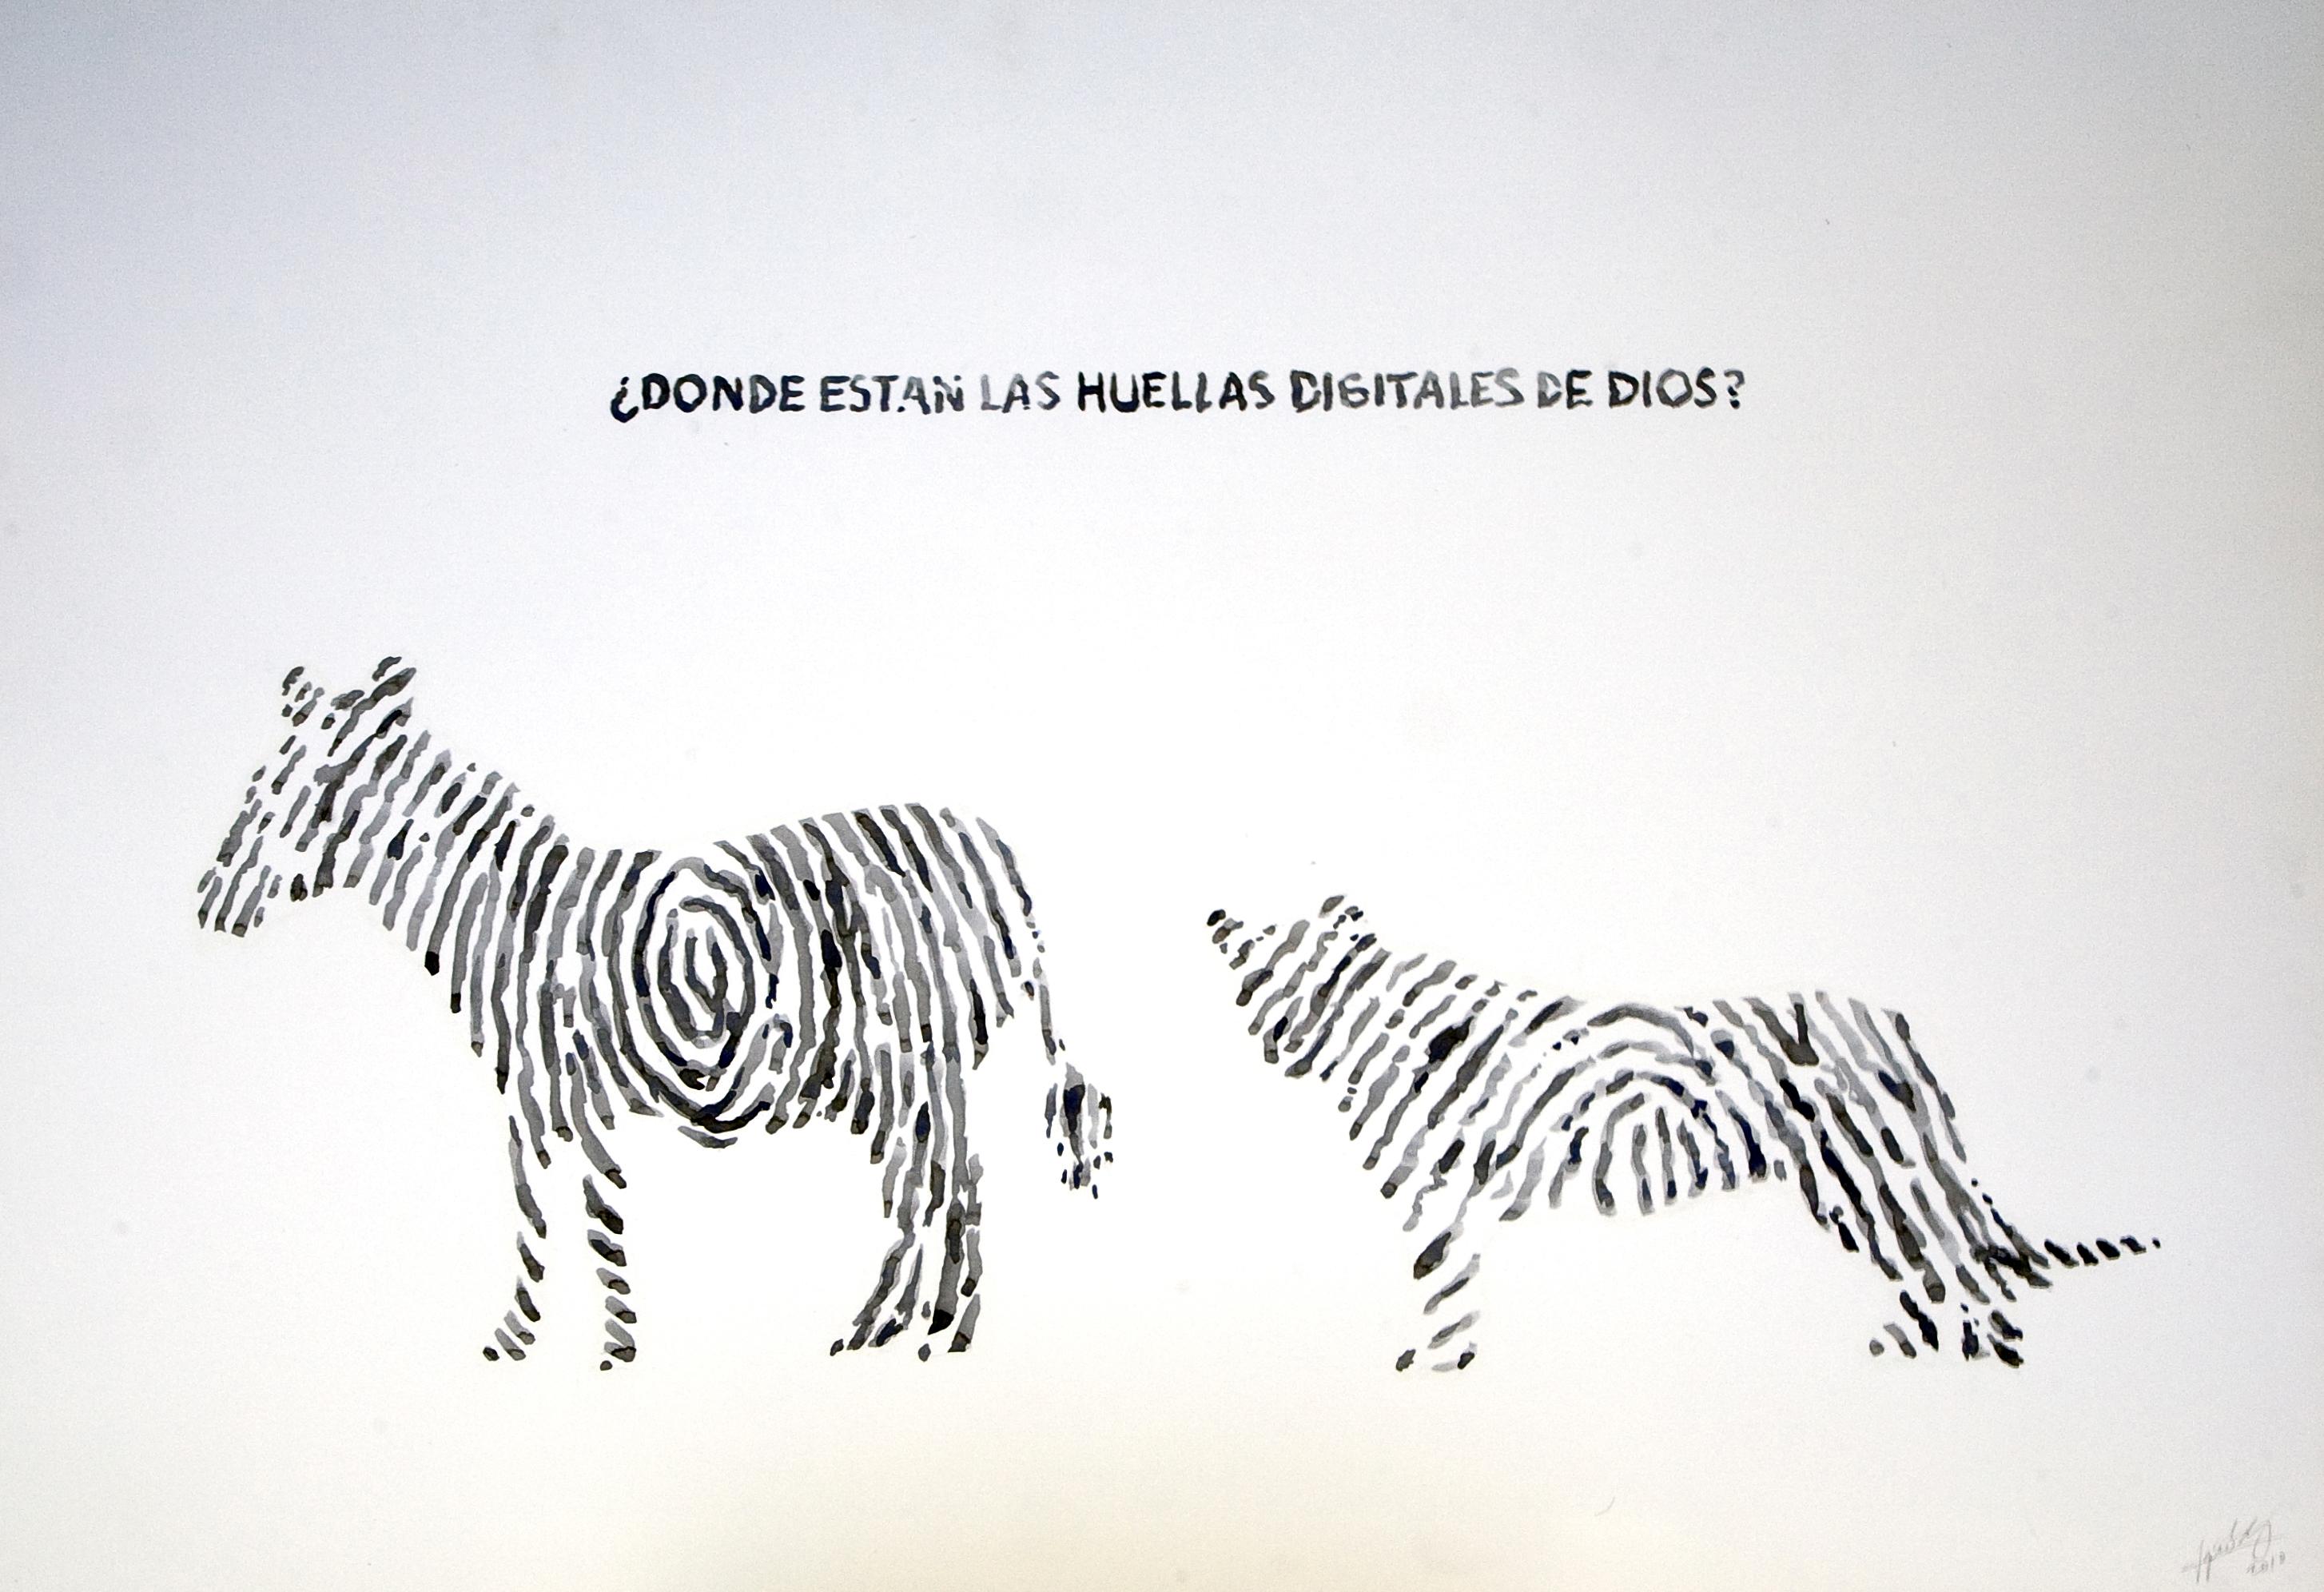 Lázaro Saavedra. L'arte come pensiero visivo in divenire